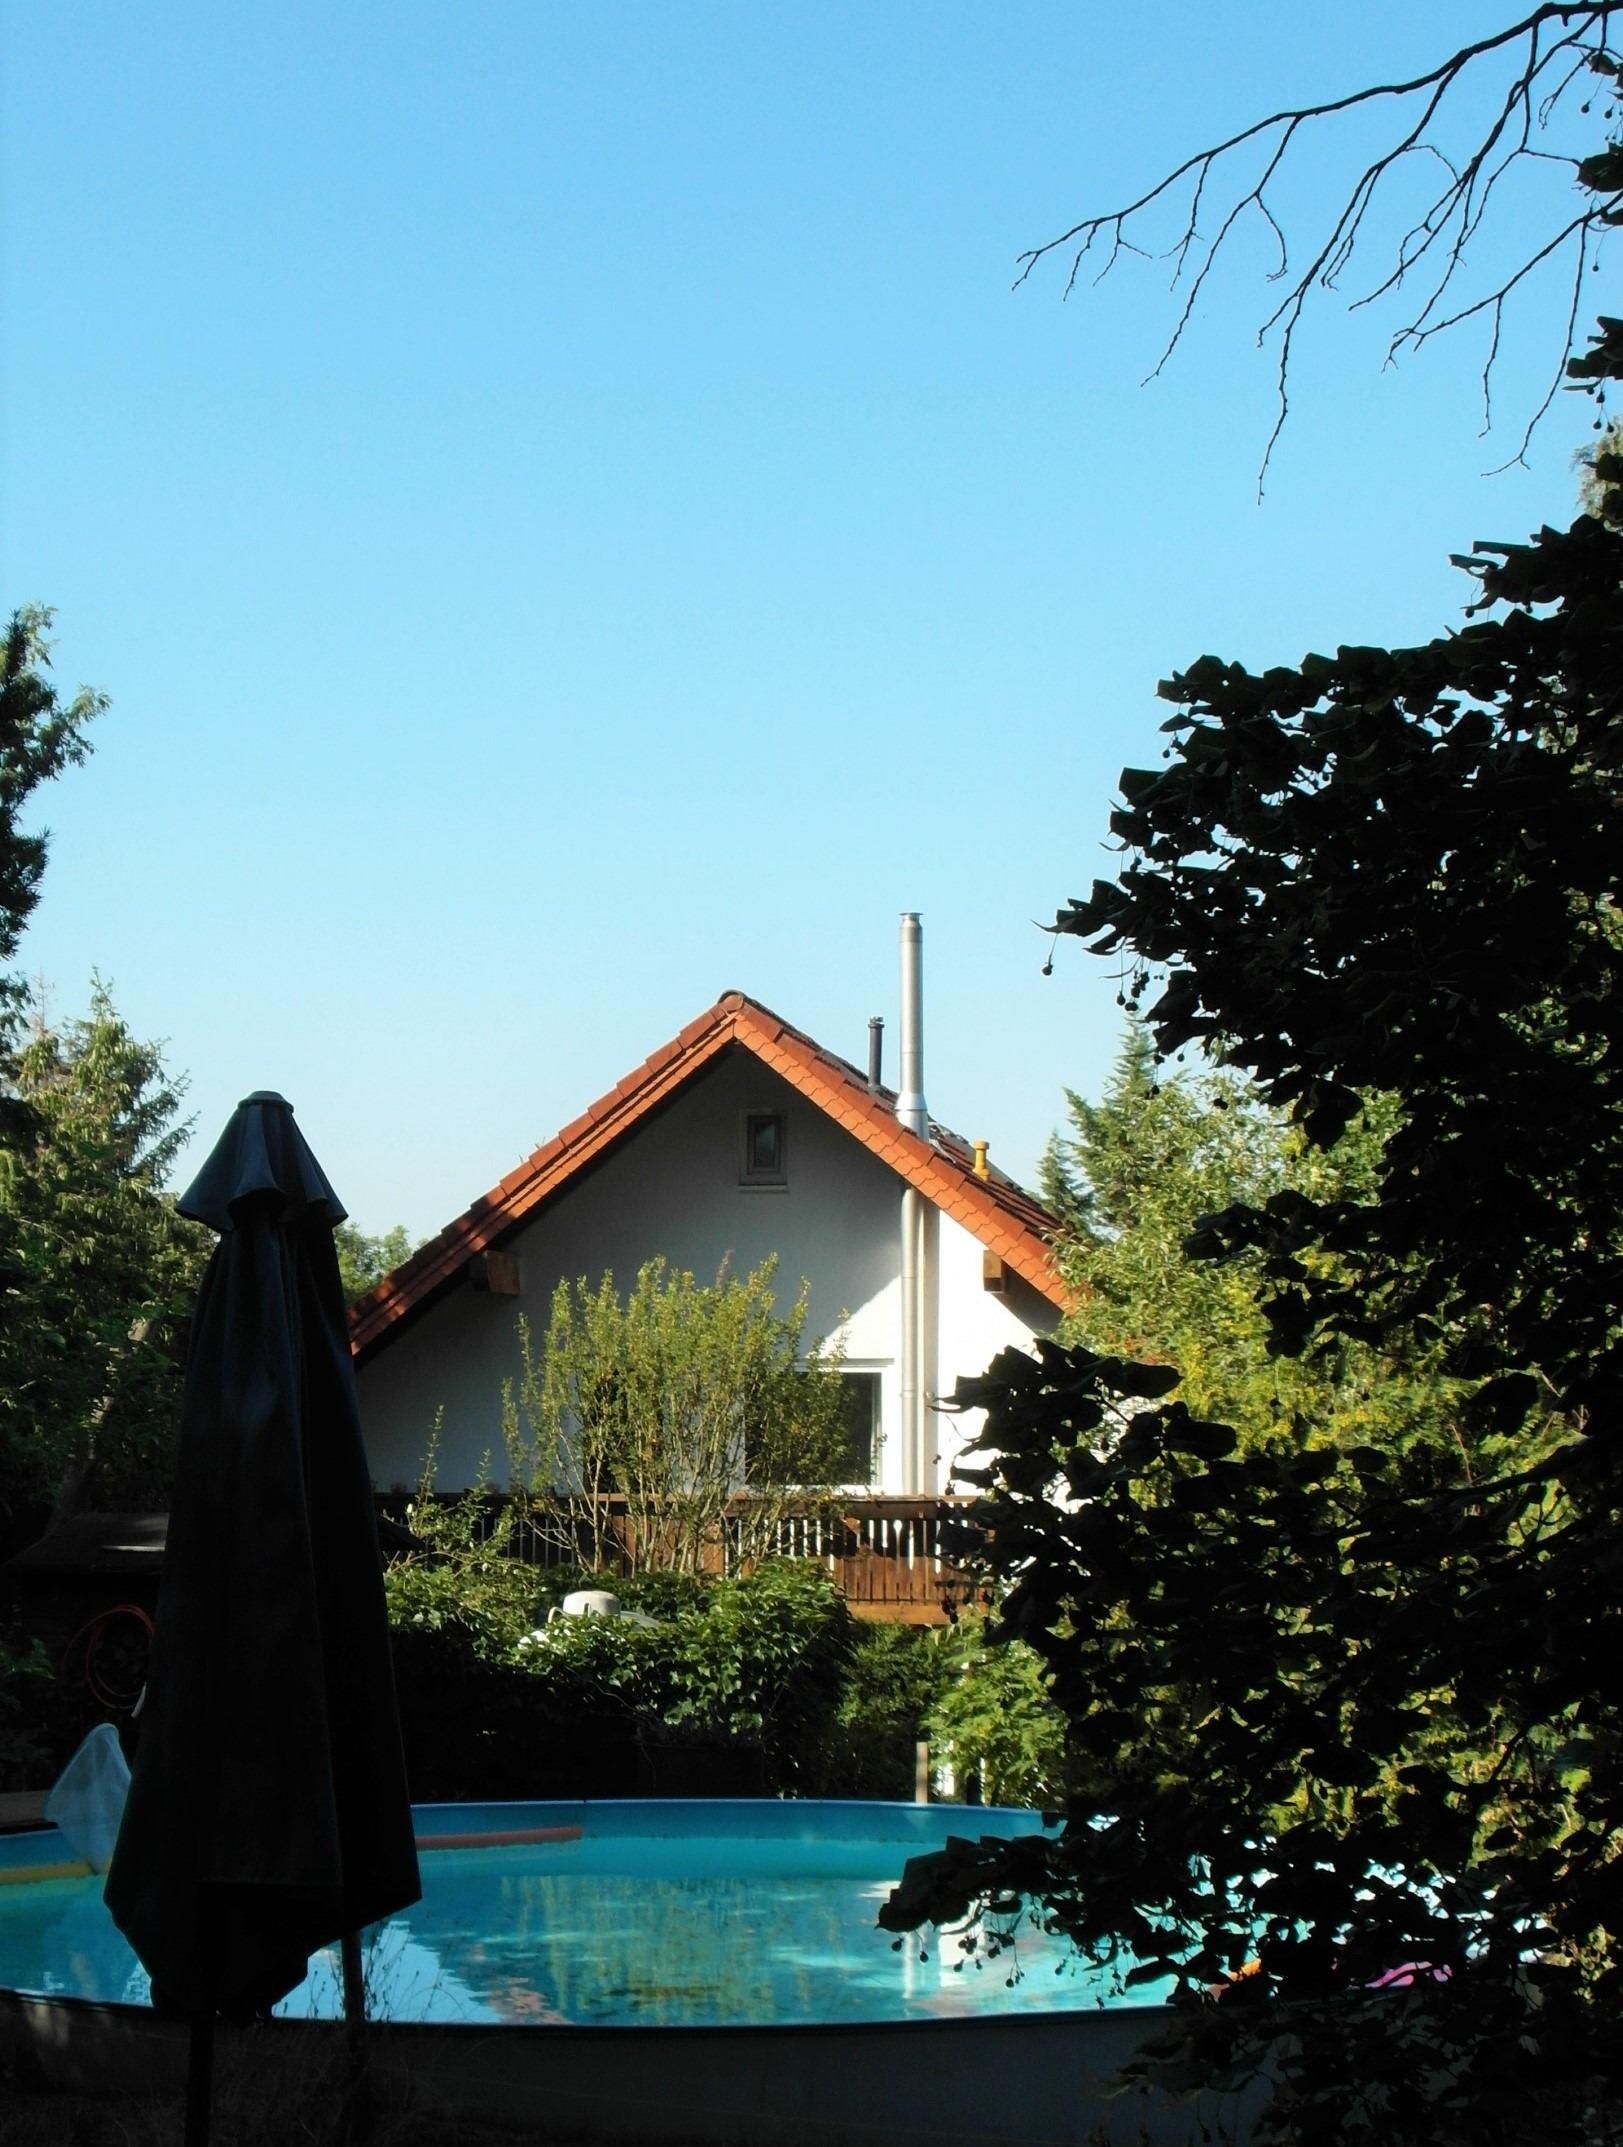 Einfamilienhaus Rothenburg - Blick vom Pool